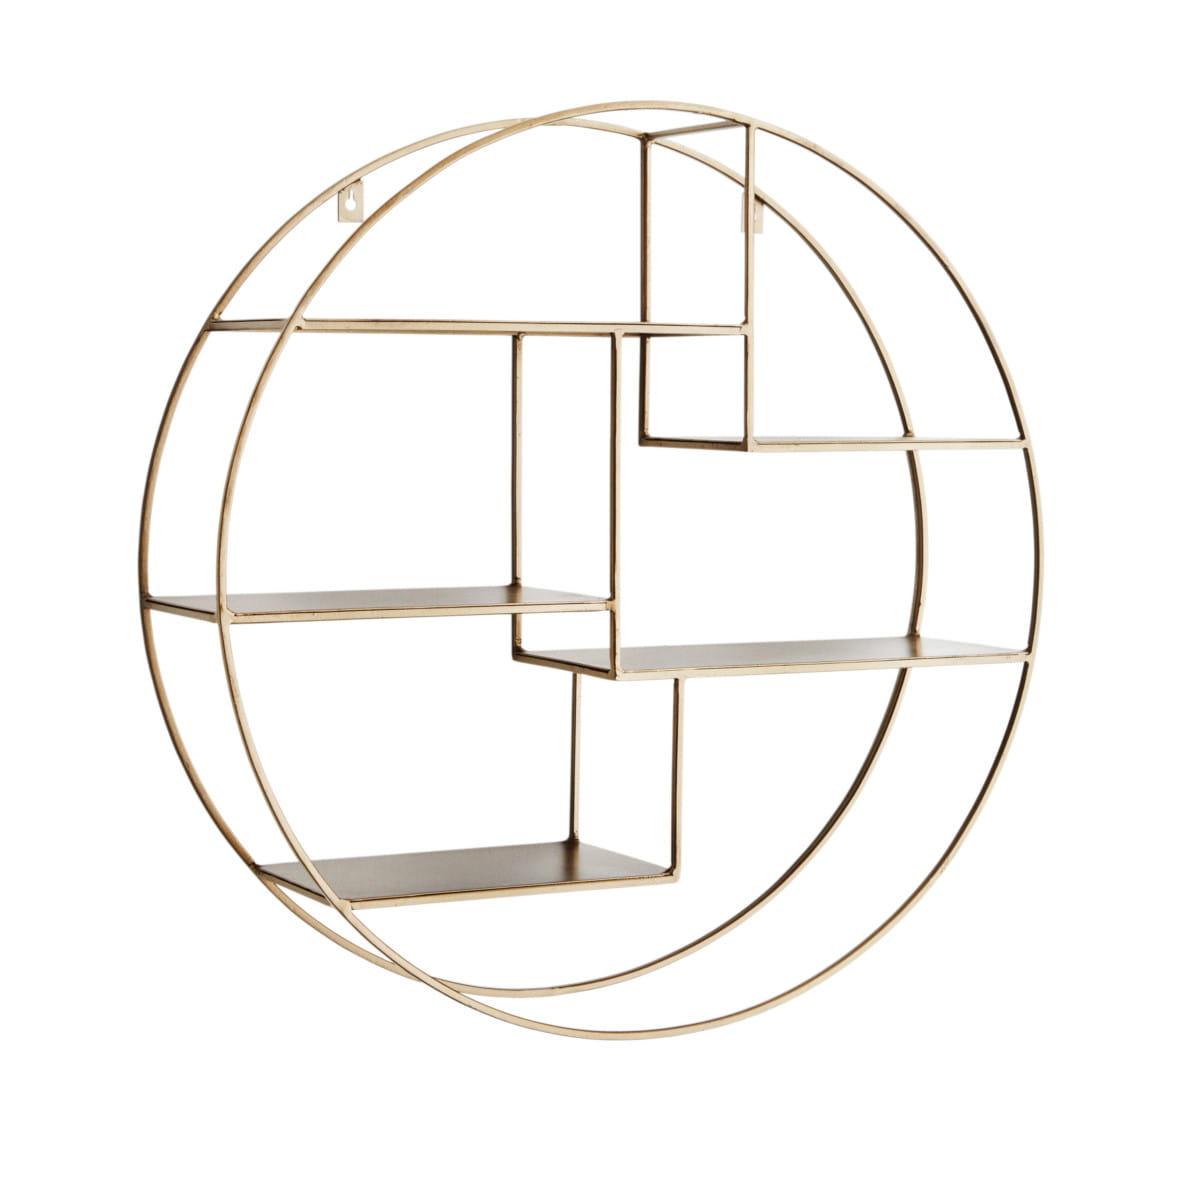 Round wall shelf madam stoltz nordic decoration home round wall shelf madam stoltz ccuart Images